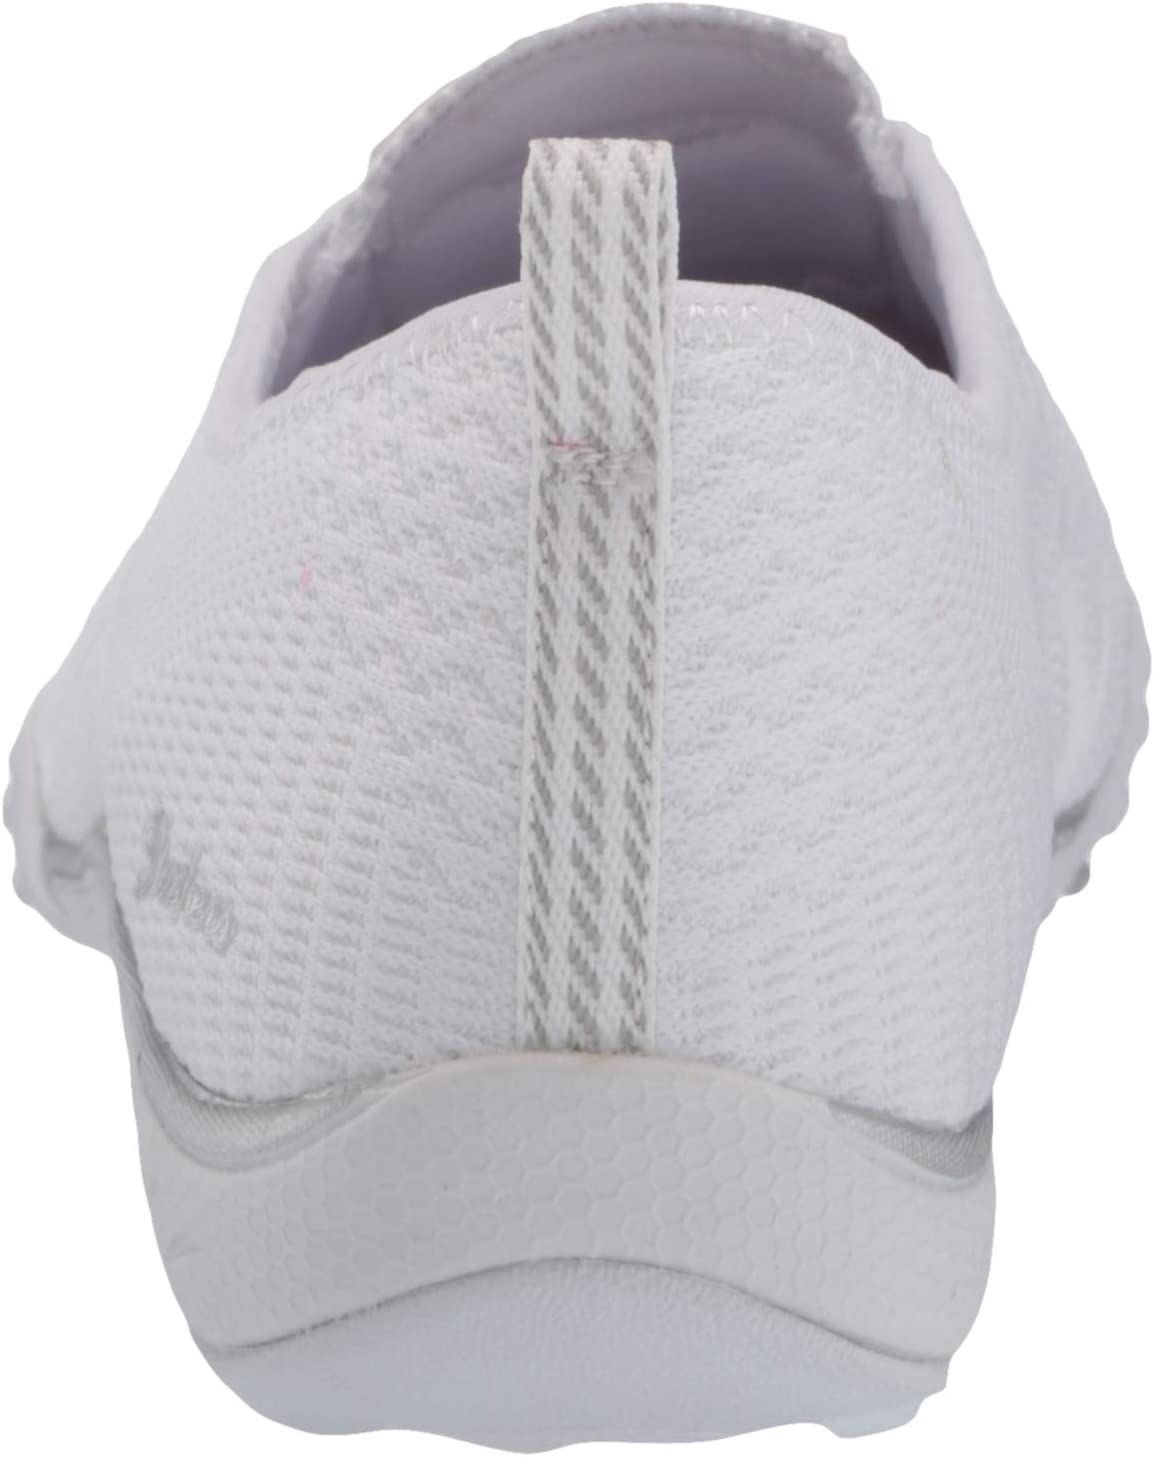 Skechers BREATHE-EASY - A-LOOK voor dames Trainers Wit Wit Zilver Wsl